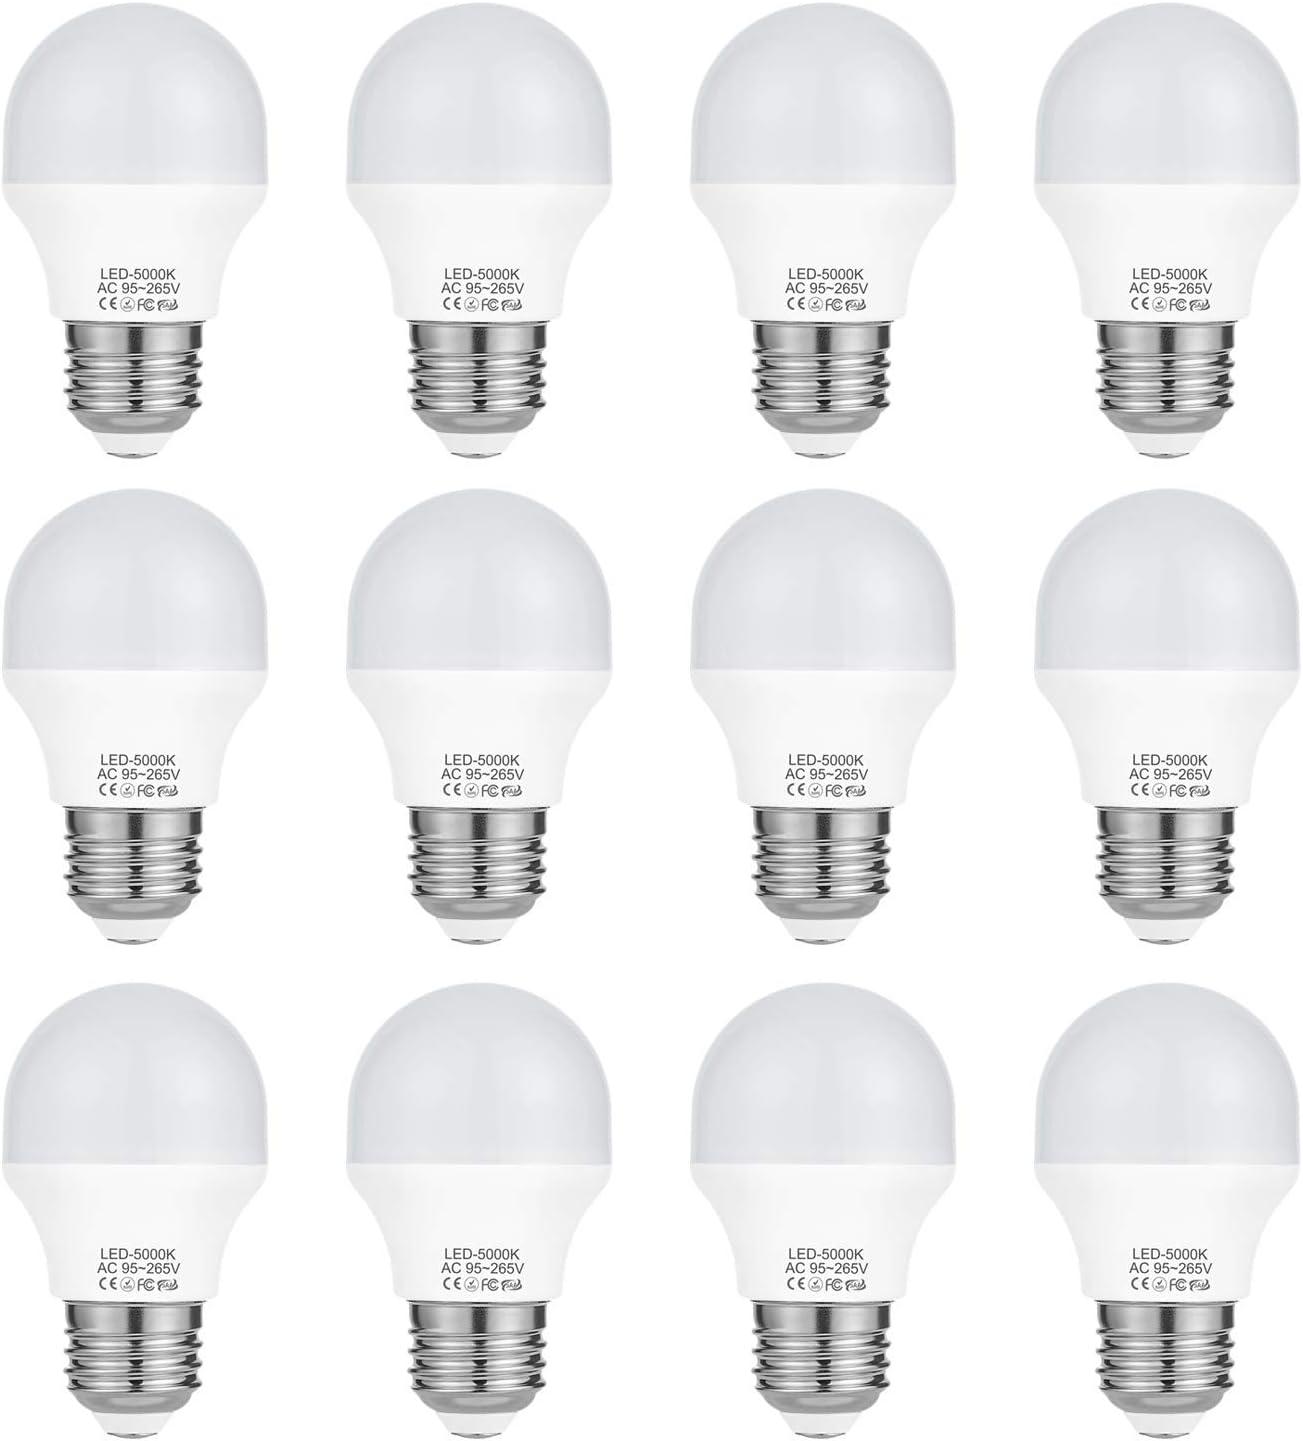 4 Watt A15 LED Daylight Light Bulb Equivalent 40 Watt Incandescent,Non Dimmable E26 Medium Base Light Bulb 5000k 120 Volt 360 Lumens G50 A15 Appliance (No Freezer) Refrigerator Light Bulb(12 Pack)